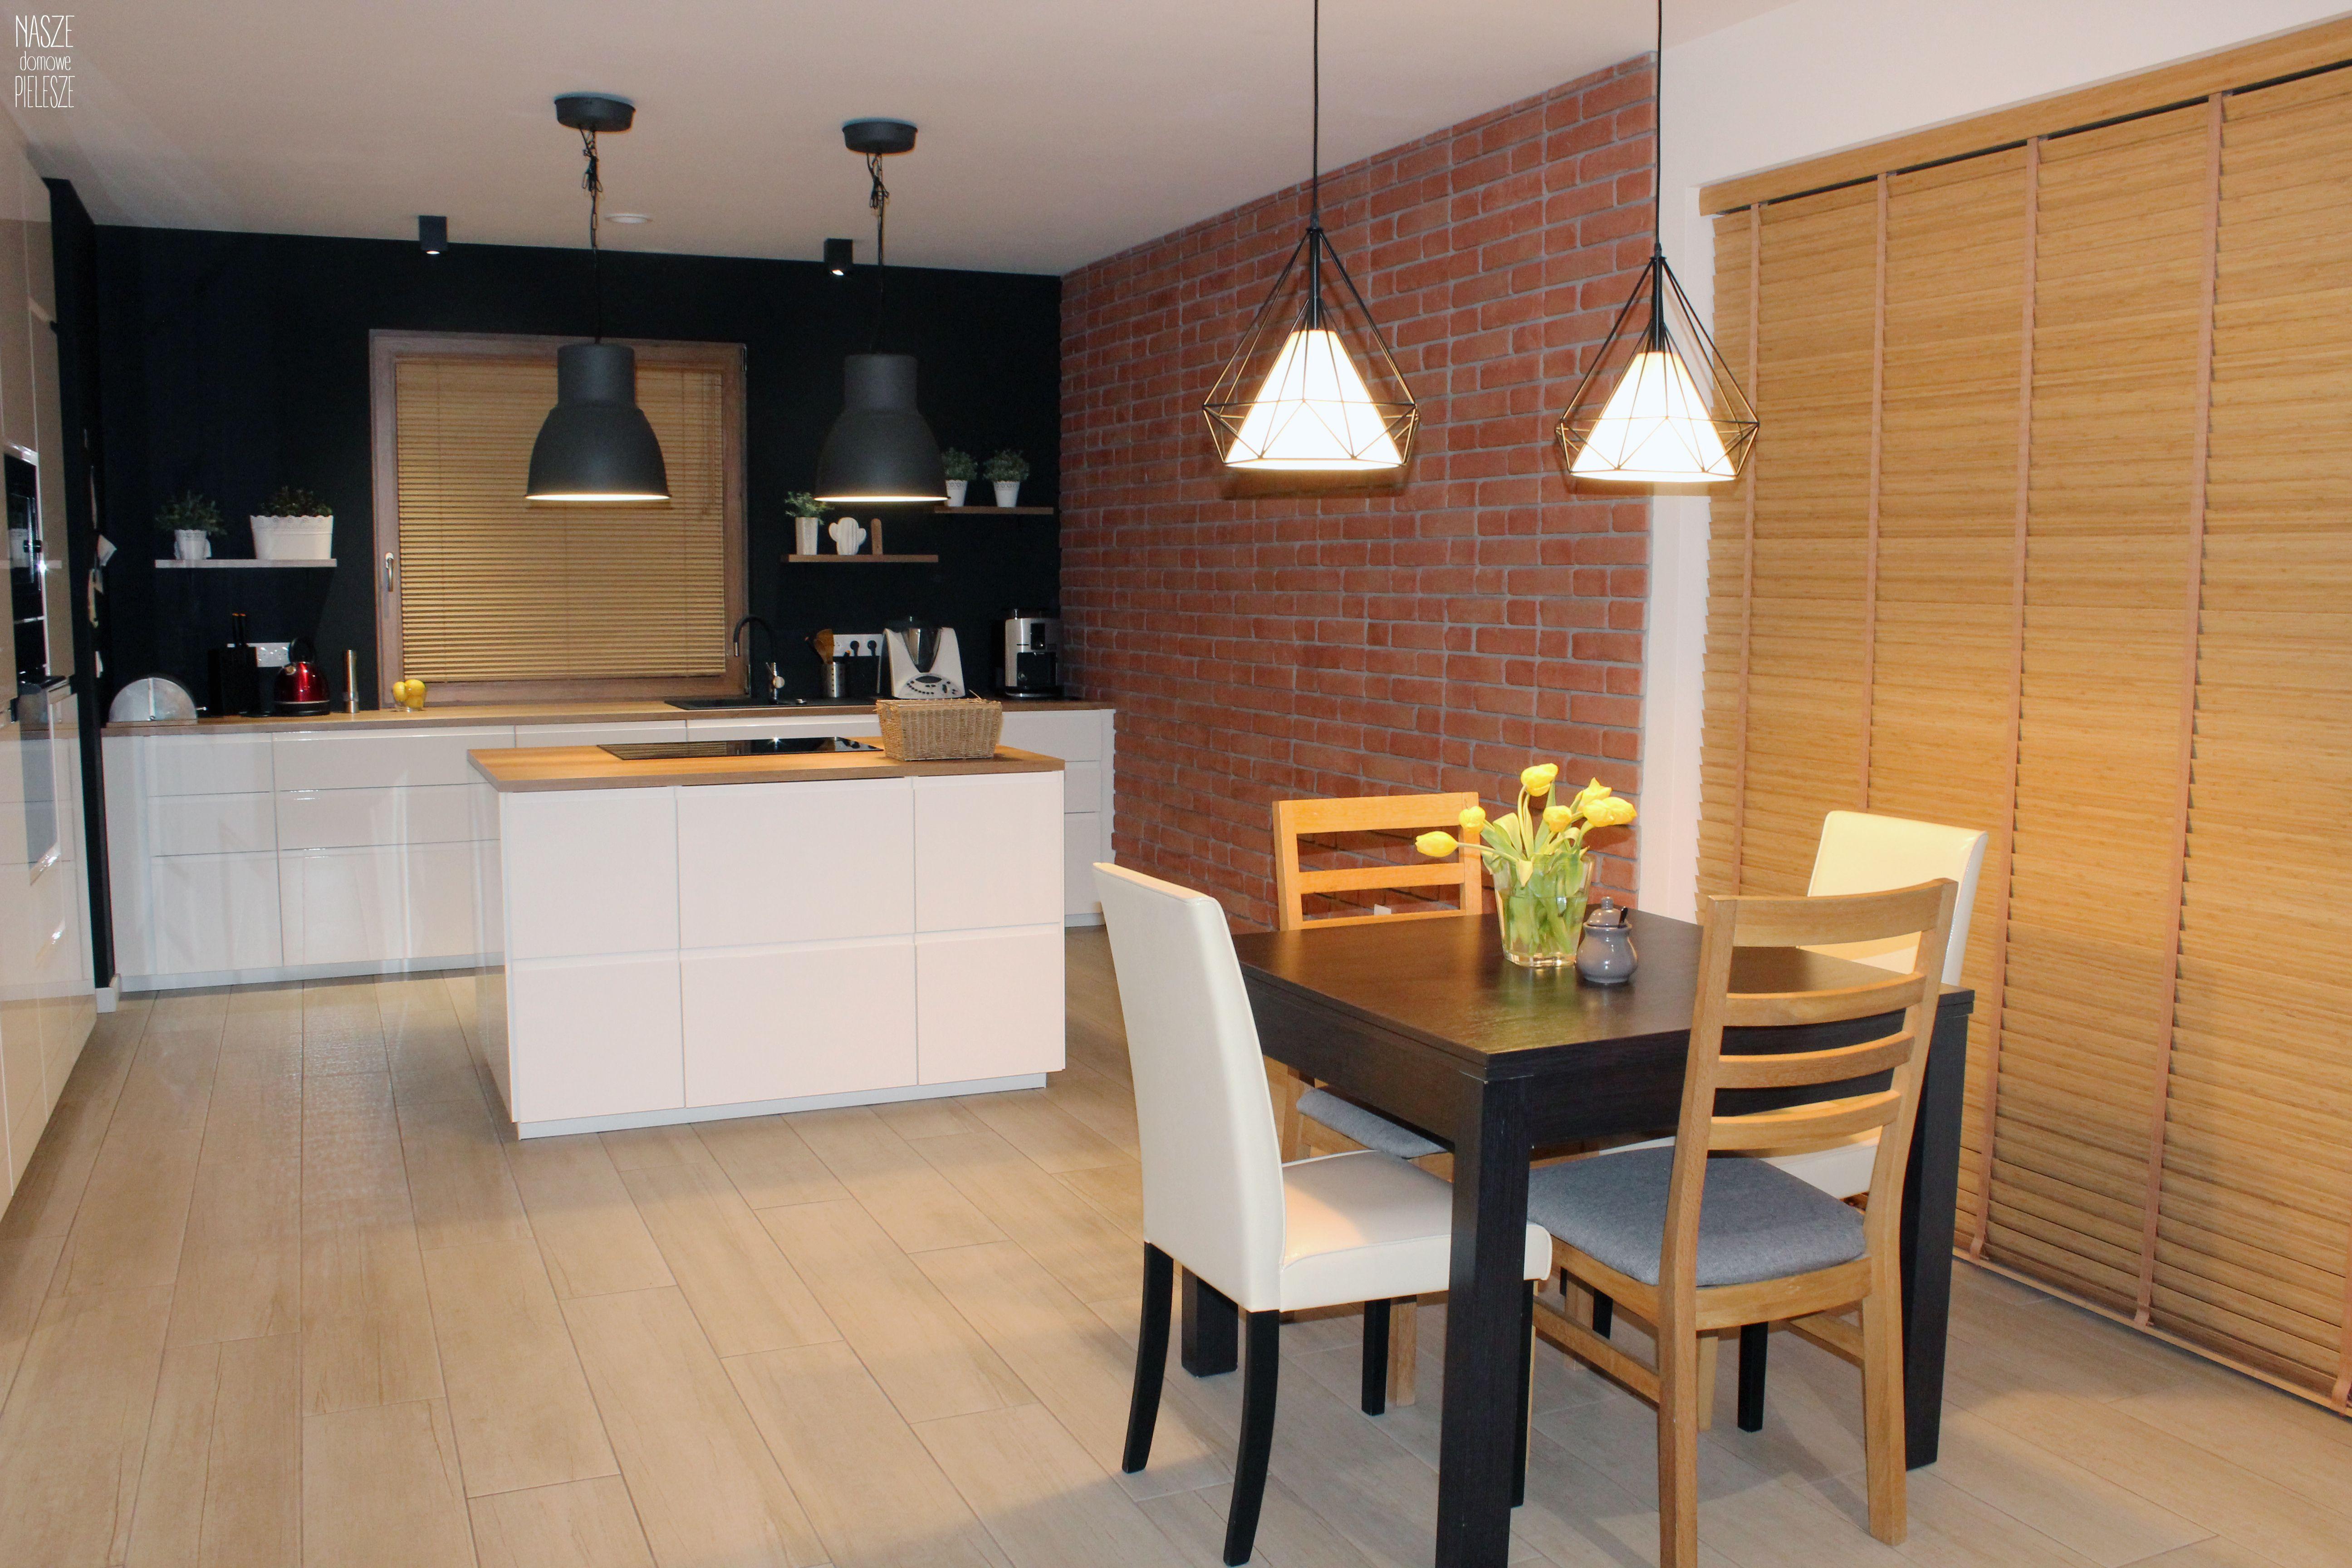 Zaluzje Roznej Wielkosci W Jednym Pomieszczeniu Decor Home Decor Furniture